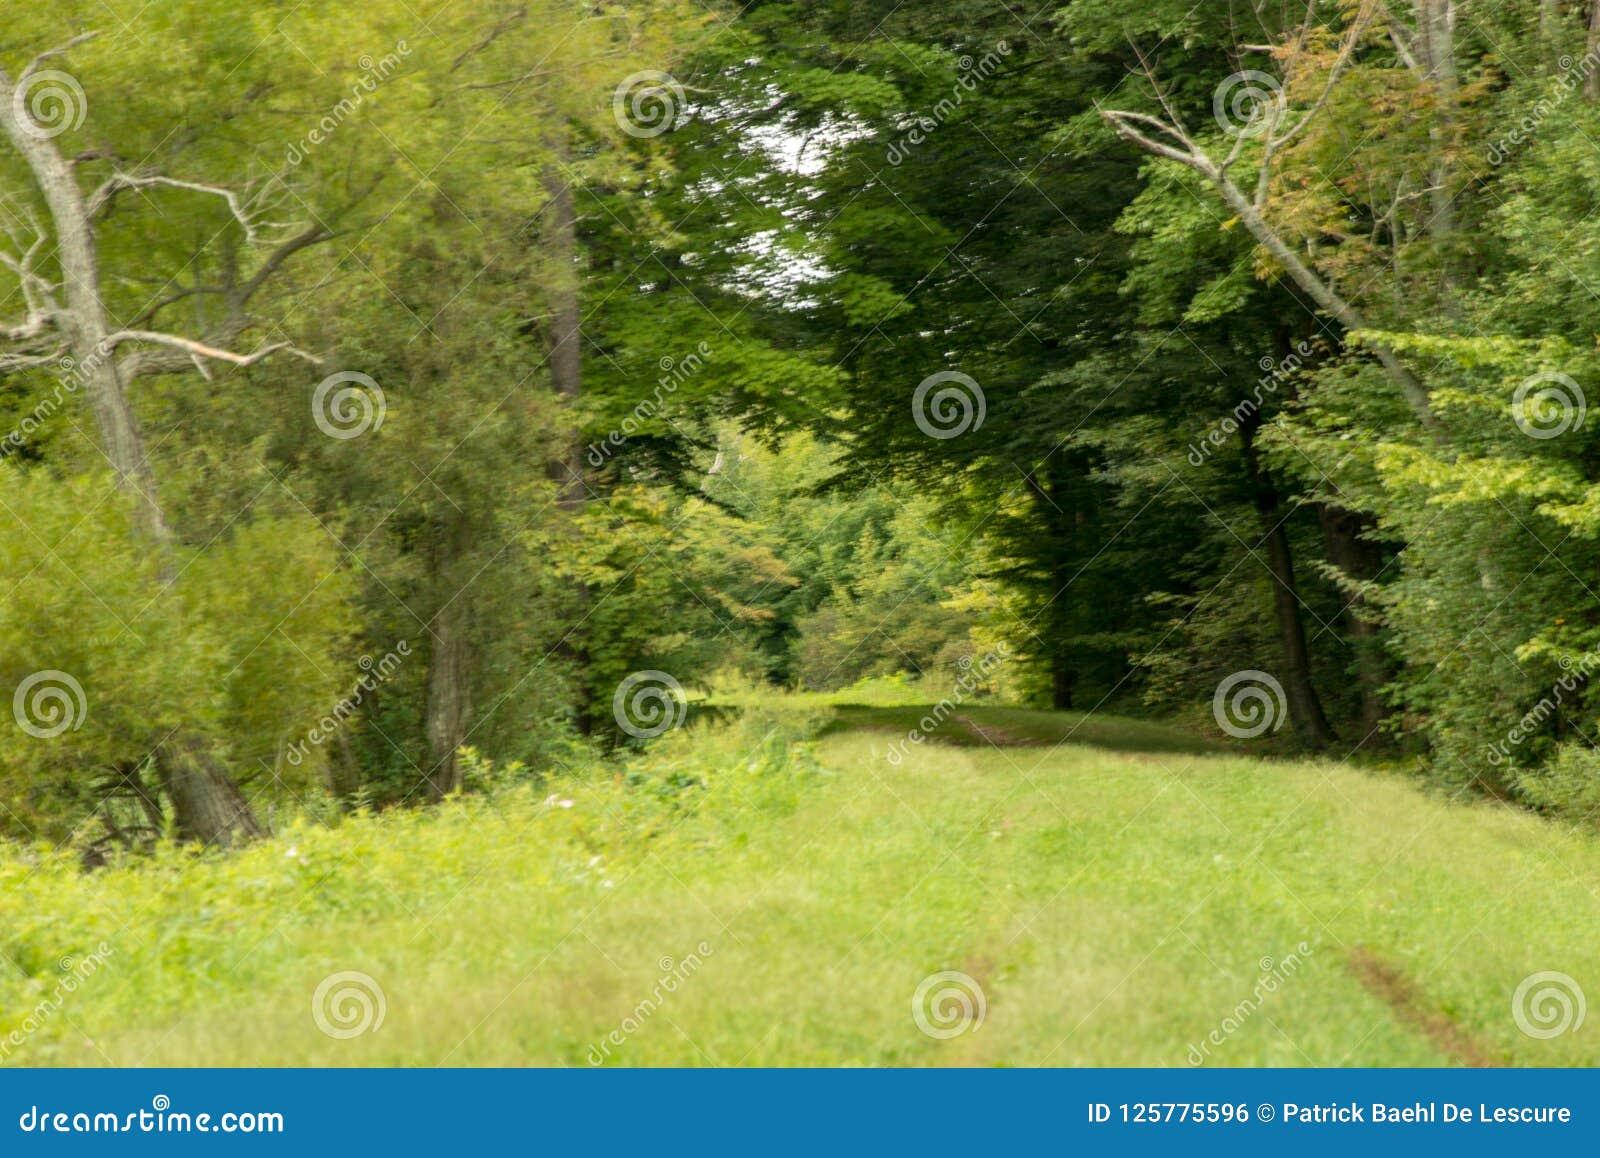 Chemin dans la forêt près du réservoir de Howard Eaton